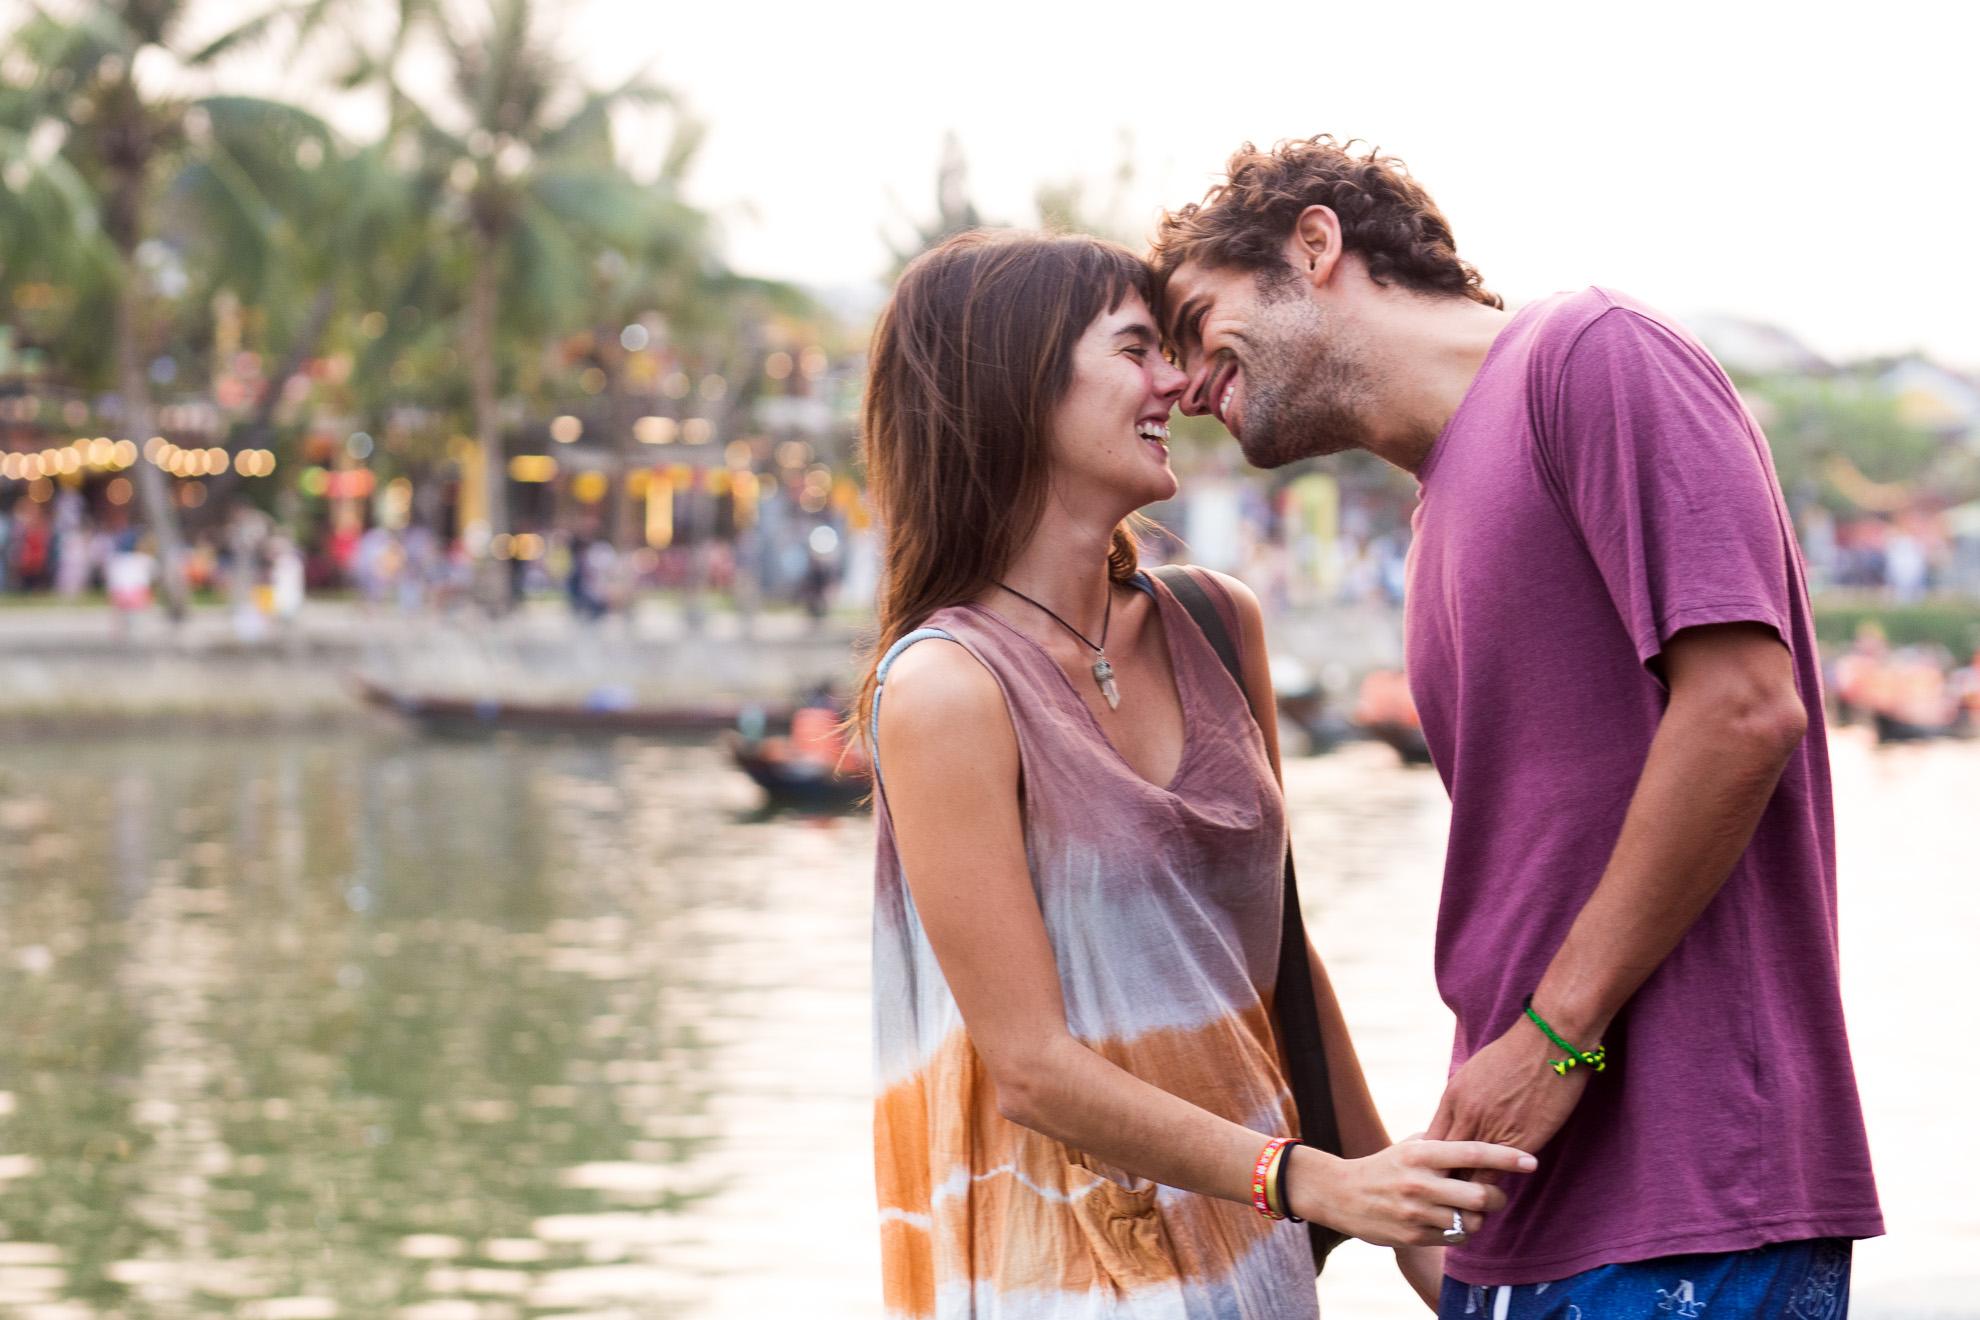 O Saillard Photographe - Benji y Julieta-009.jpg